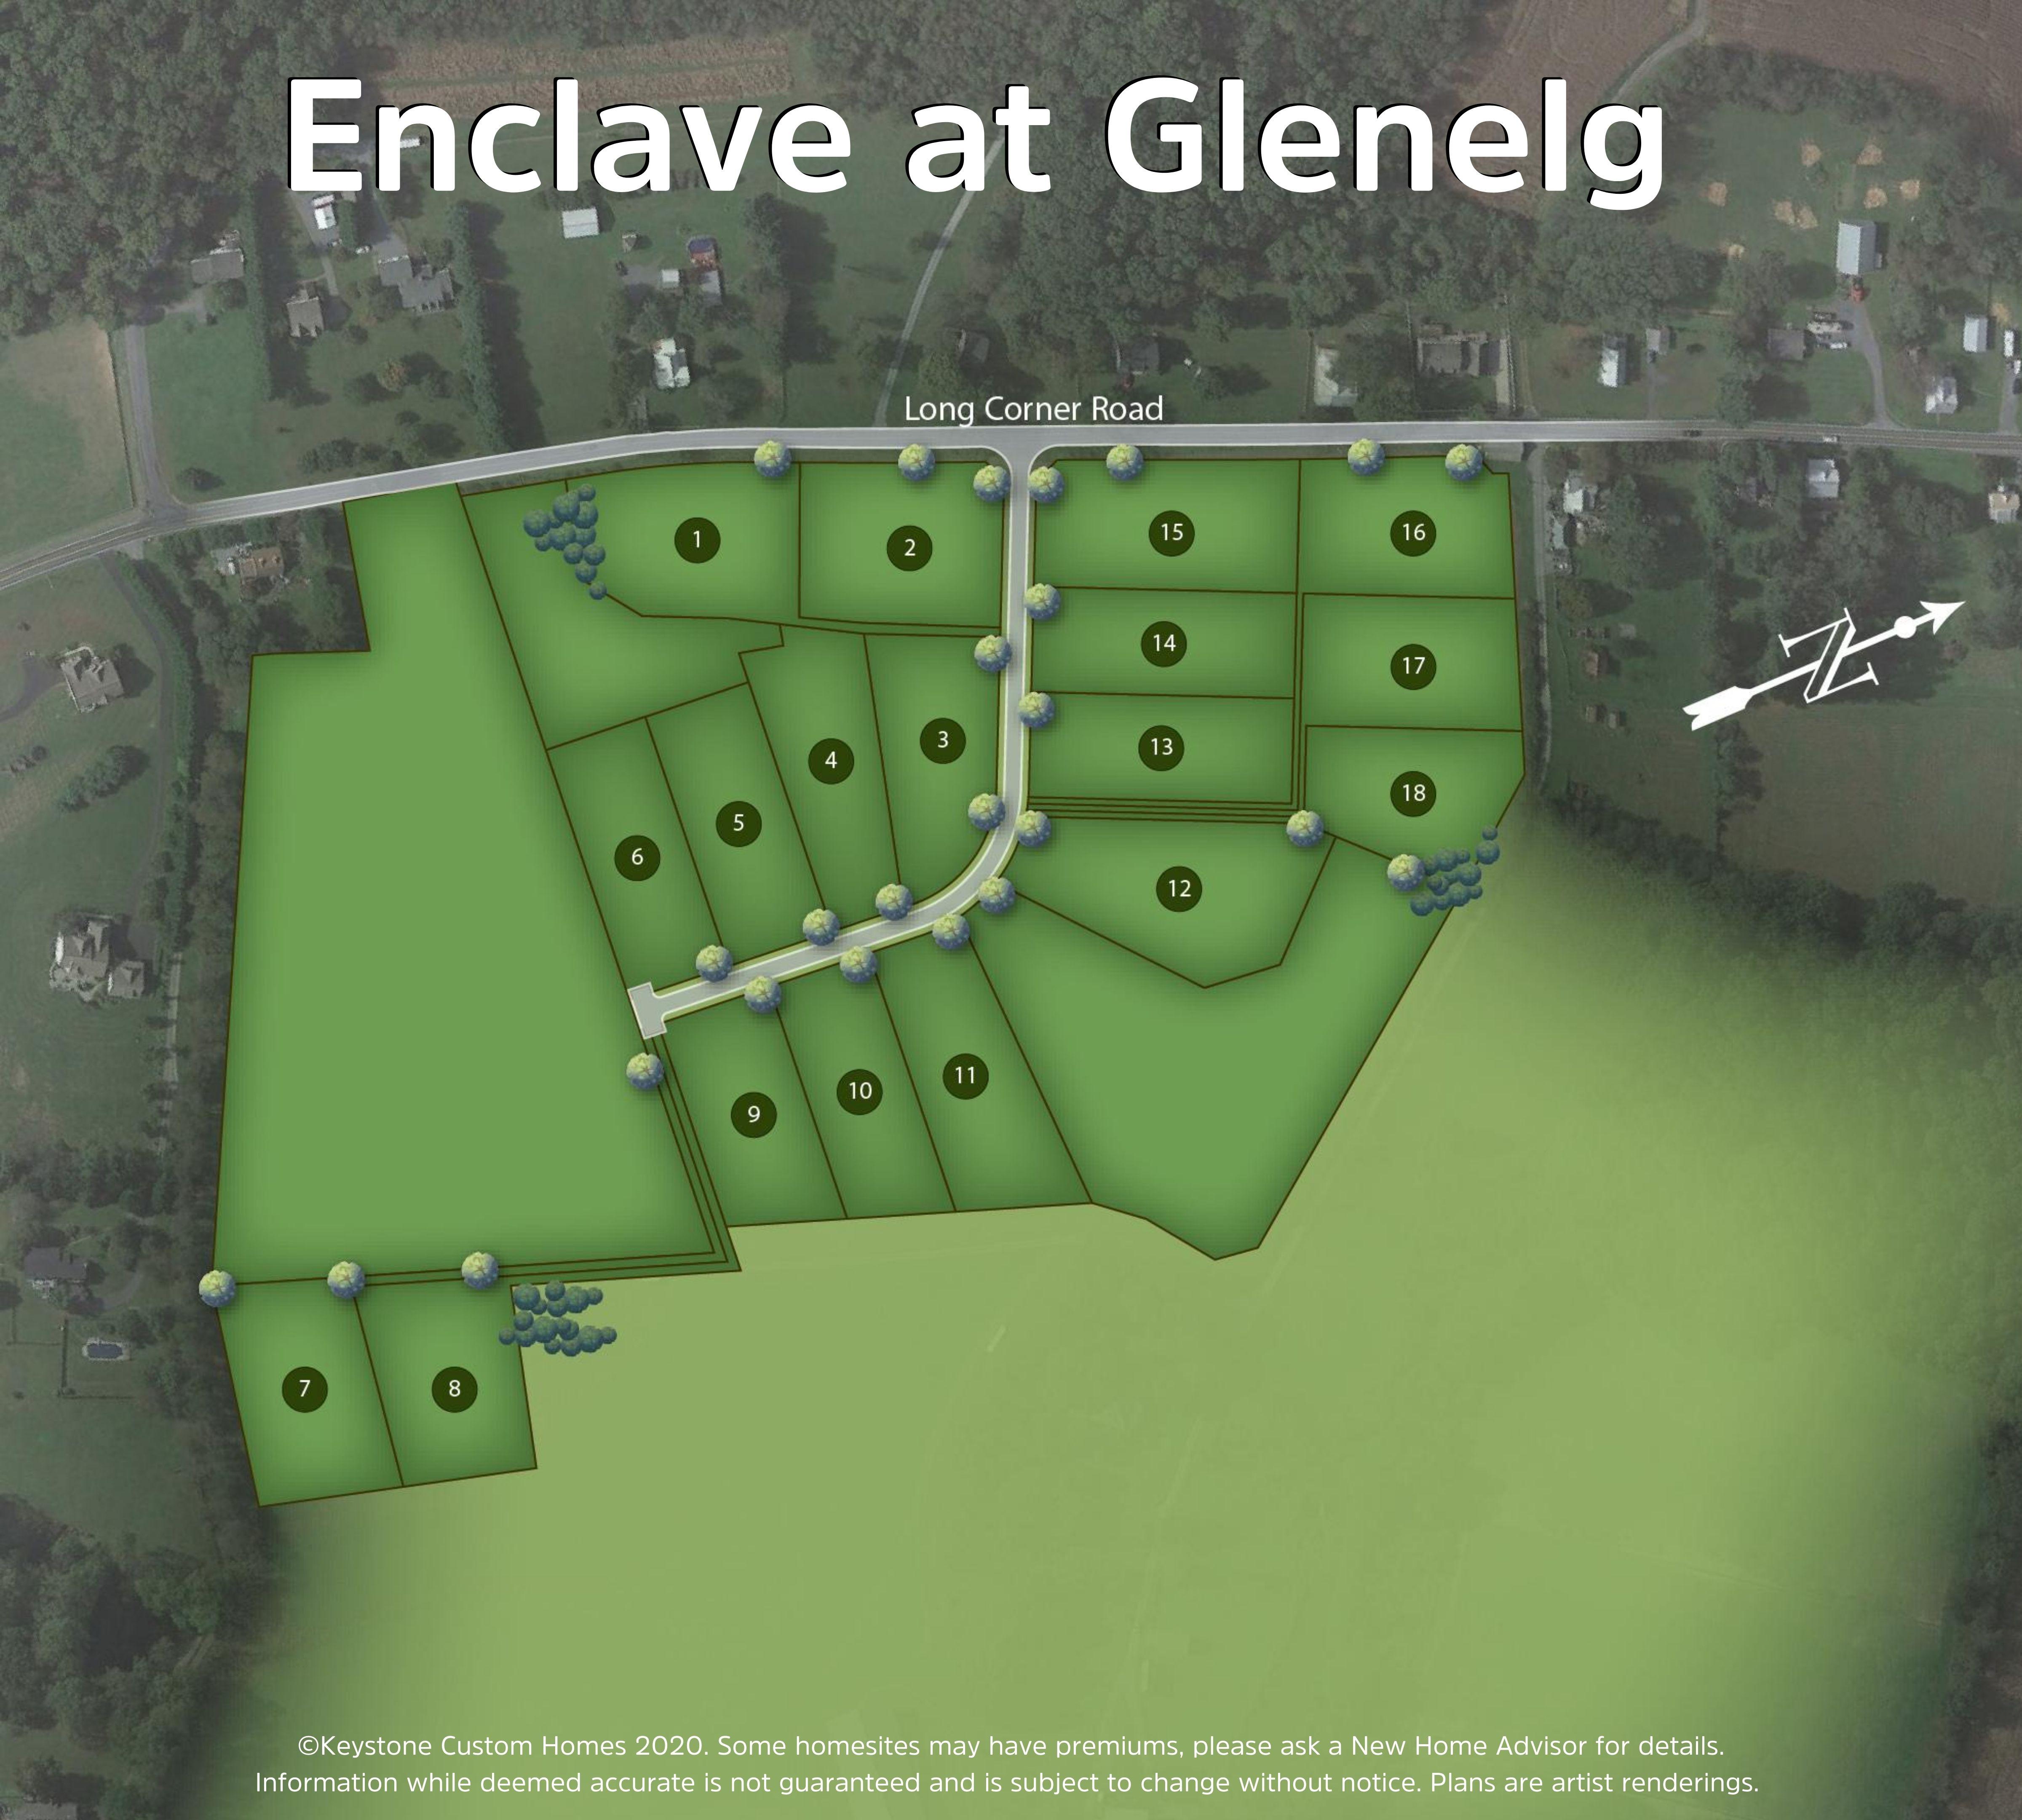 Enclave at Glenelg Lot Map Background